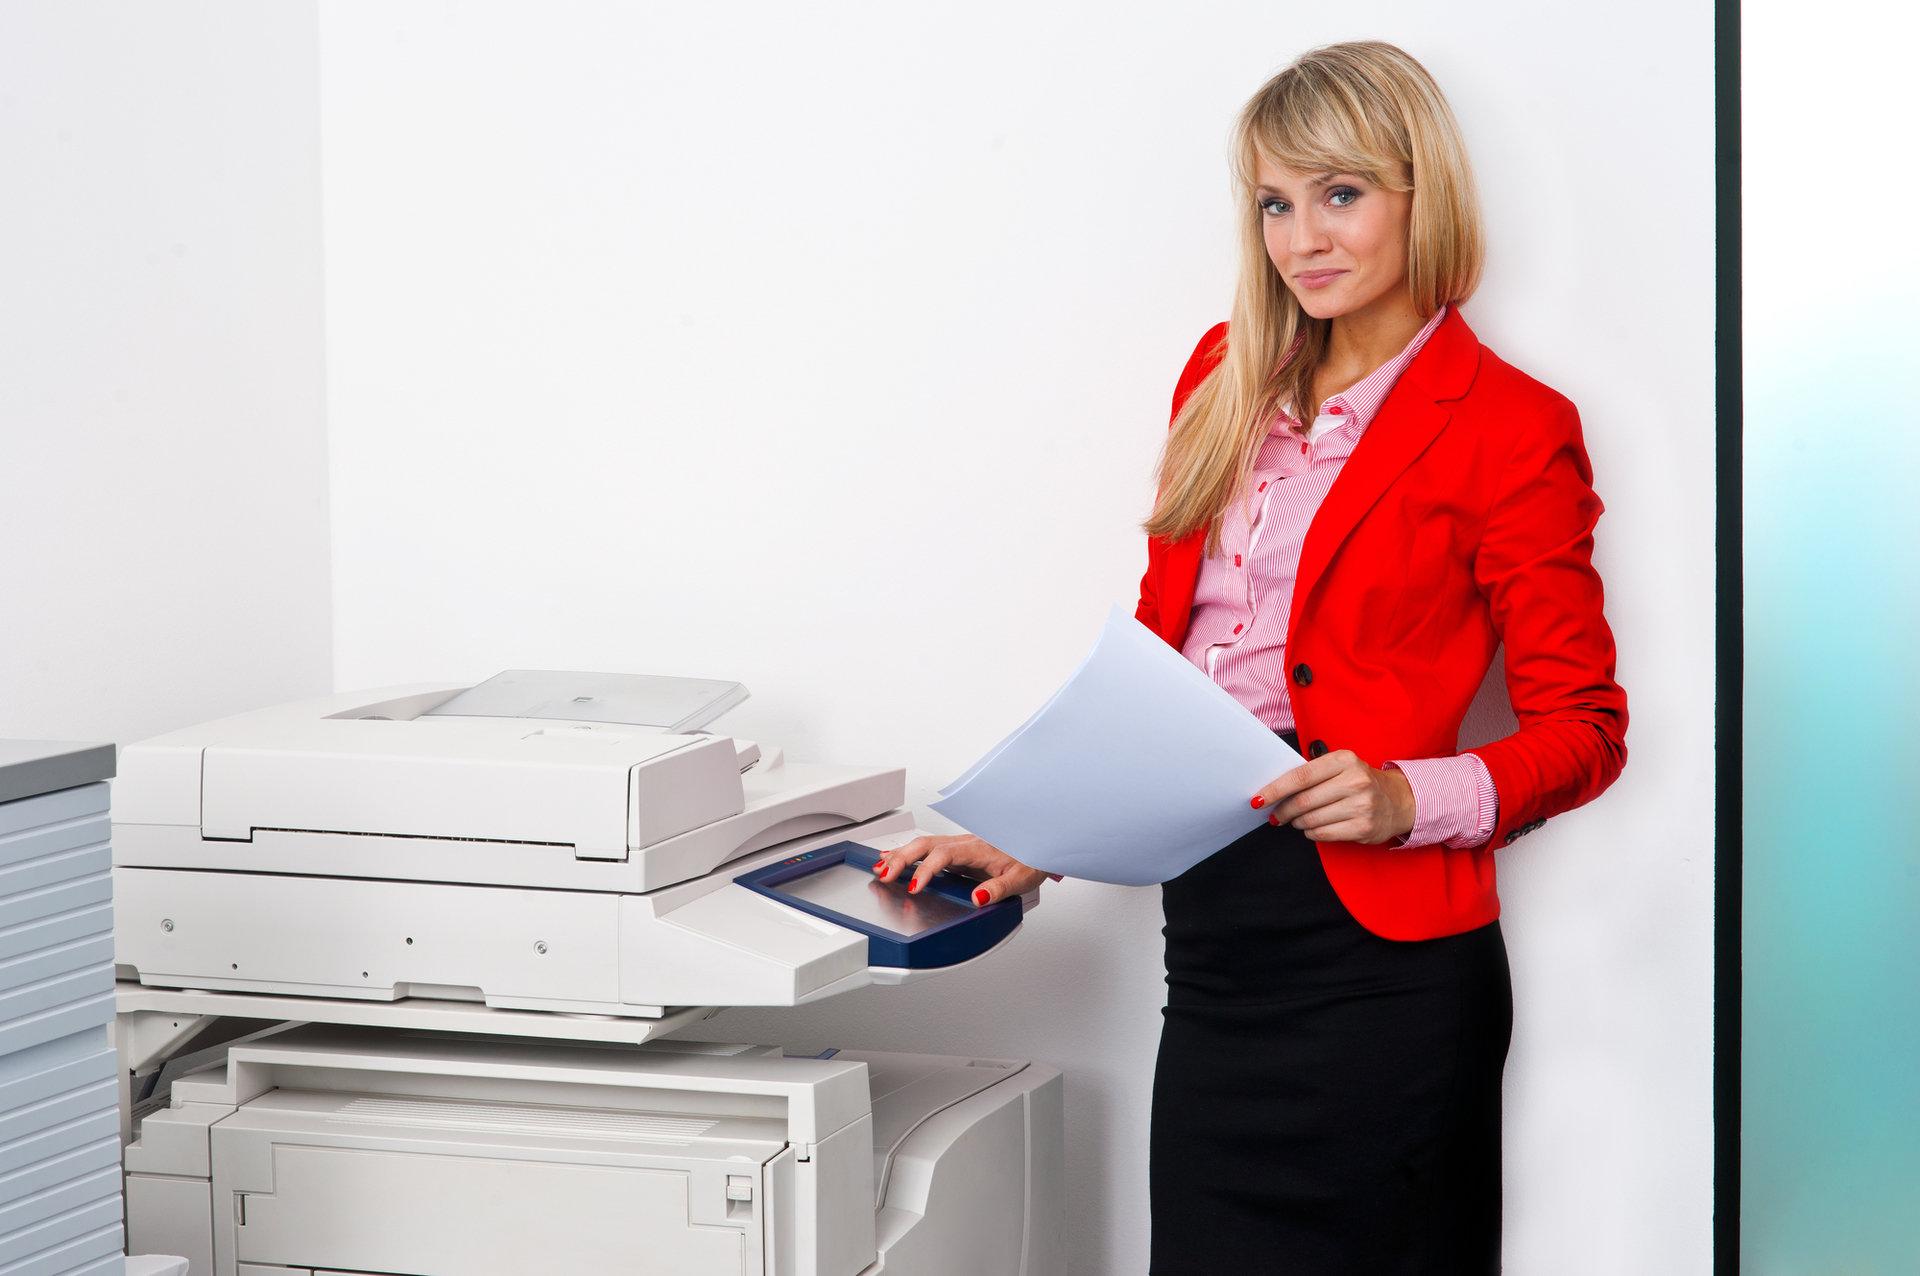 10 sposobów na obniżenie kosztów wydruku w biurze